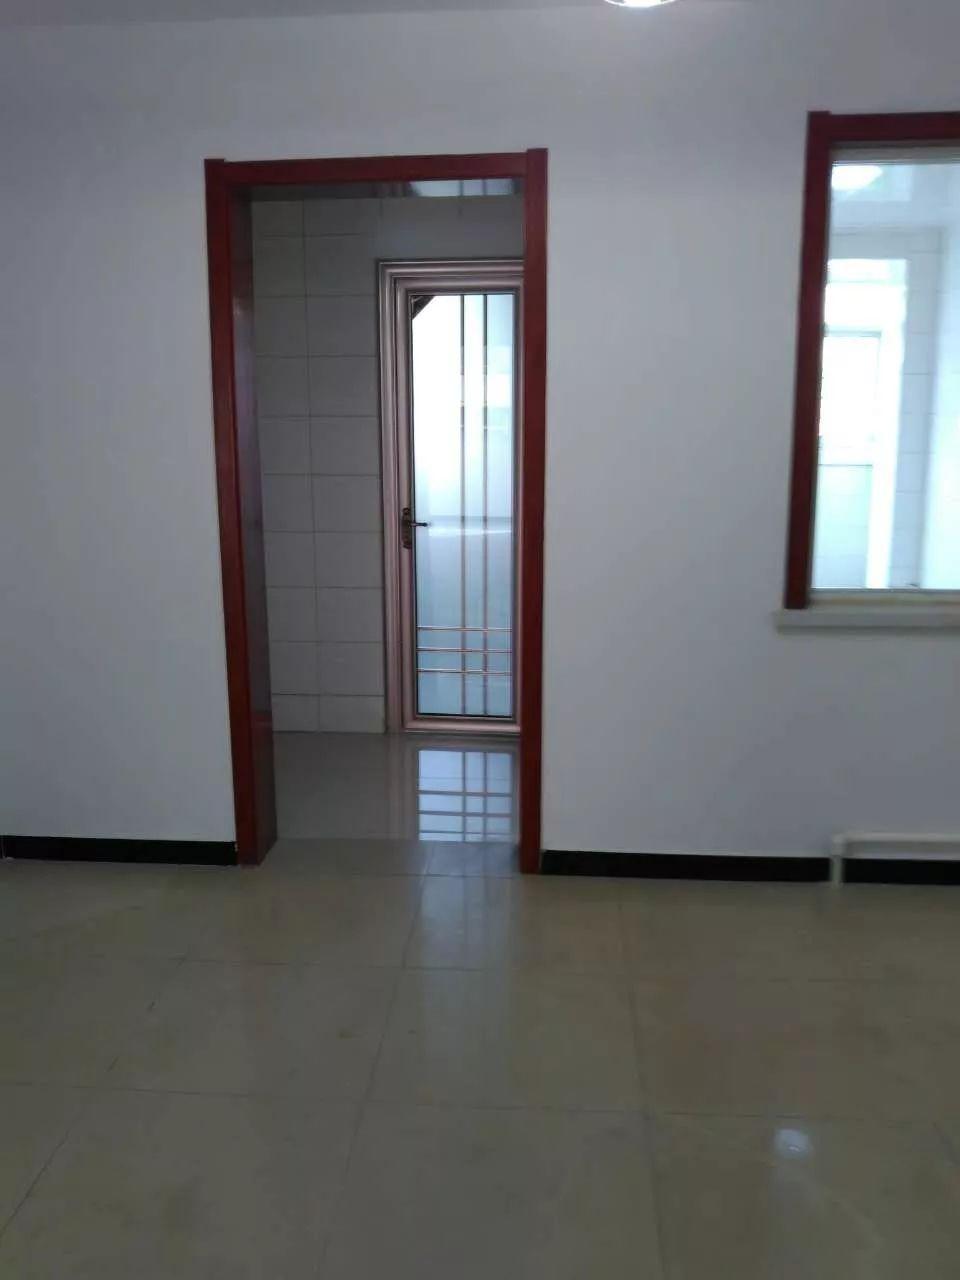 河西 滏丰小区 3室 3厅 149平米 出售